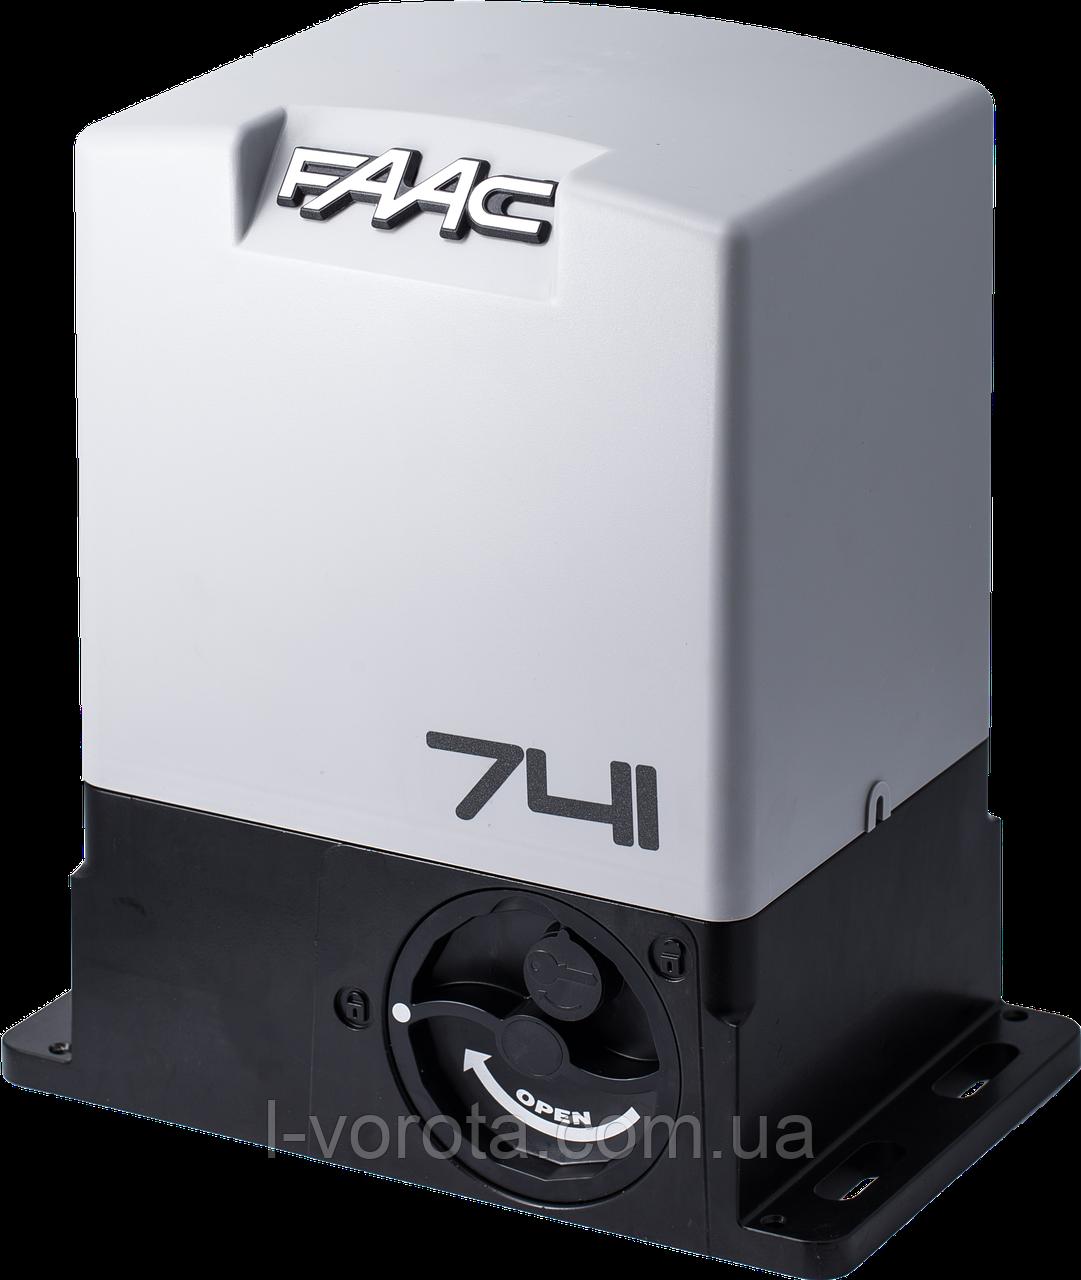 FAAC 741 комплект электропривода для откатных (сдвижных) ворот (макс. вес ворот 900 кг)